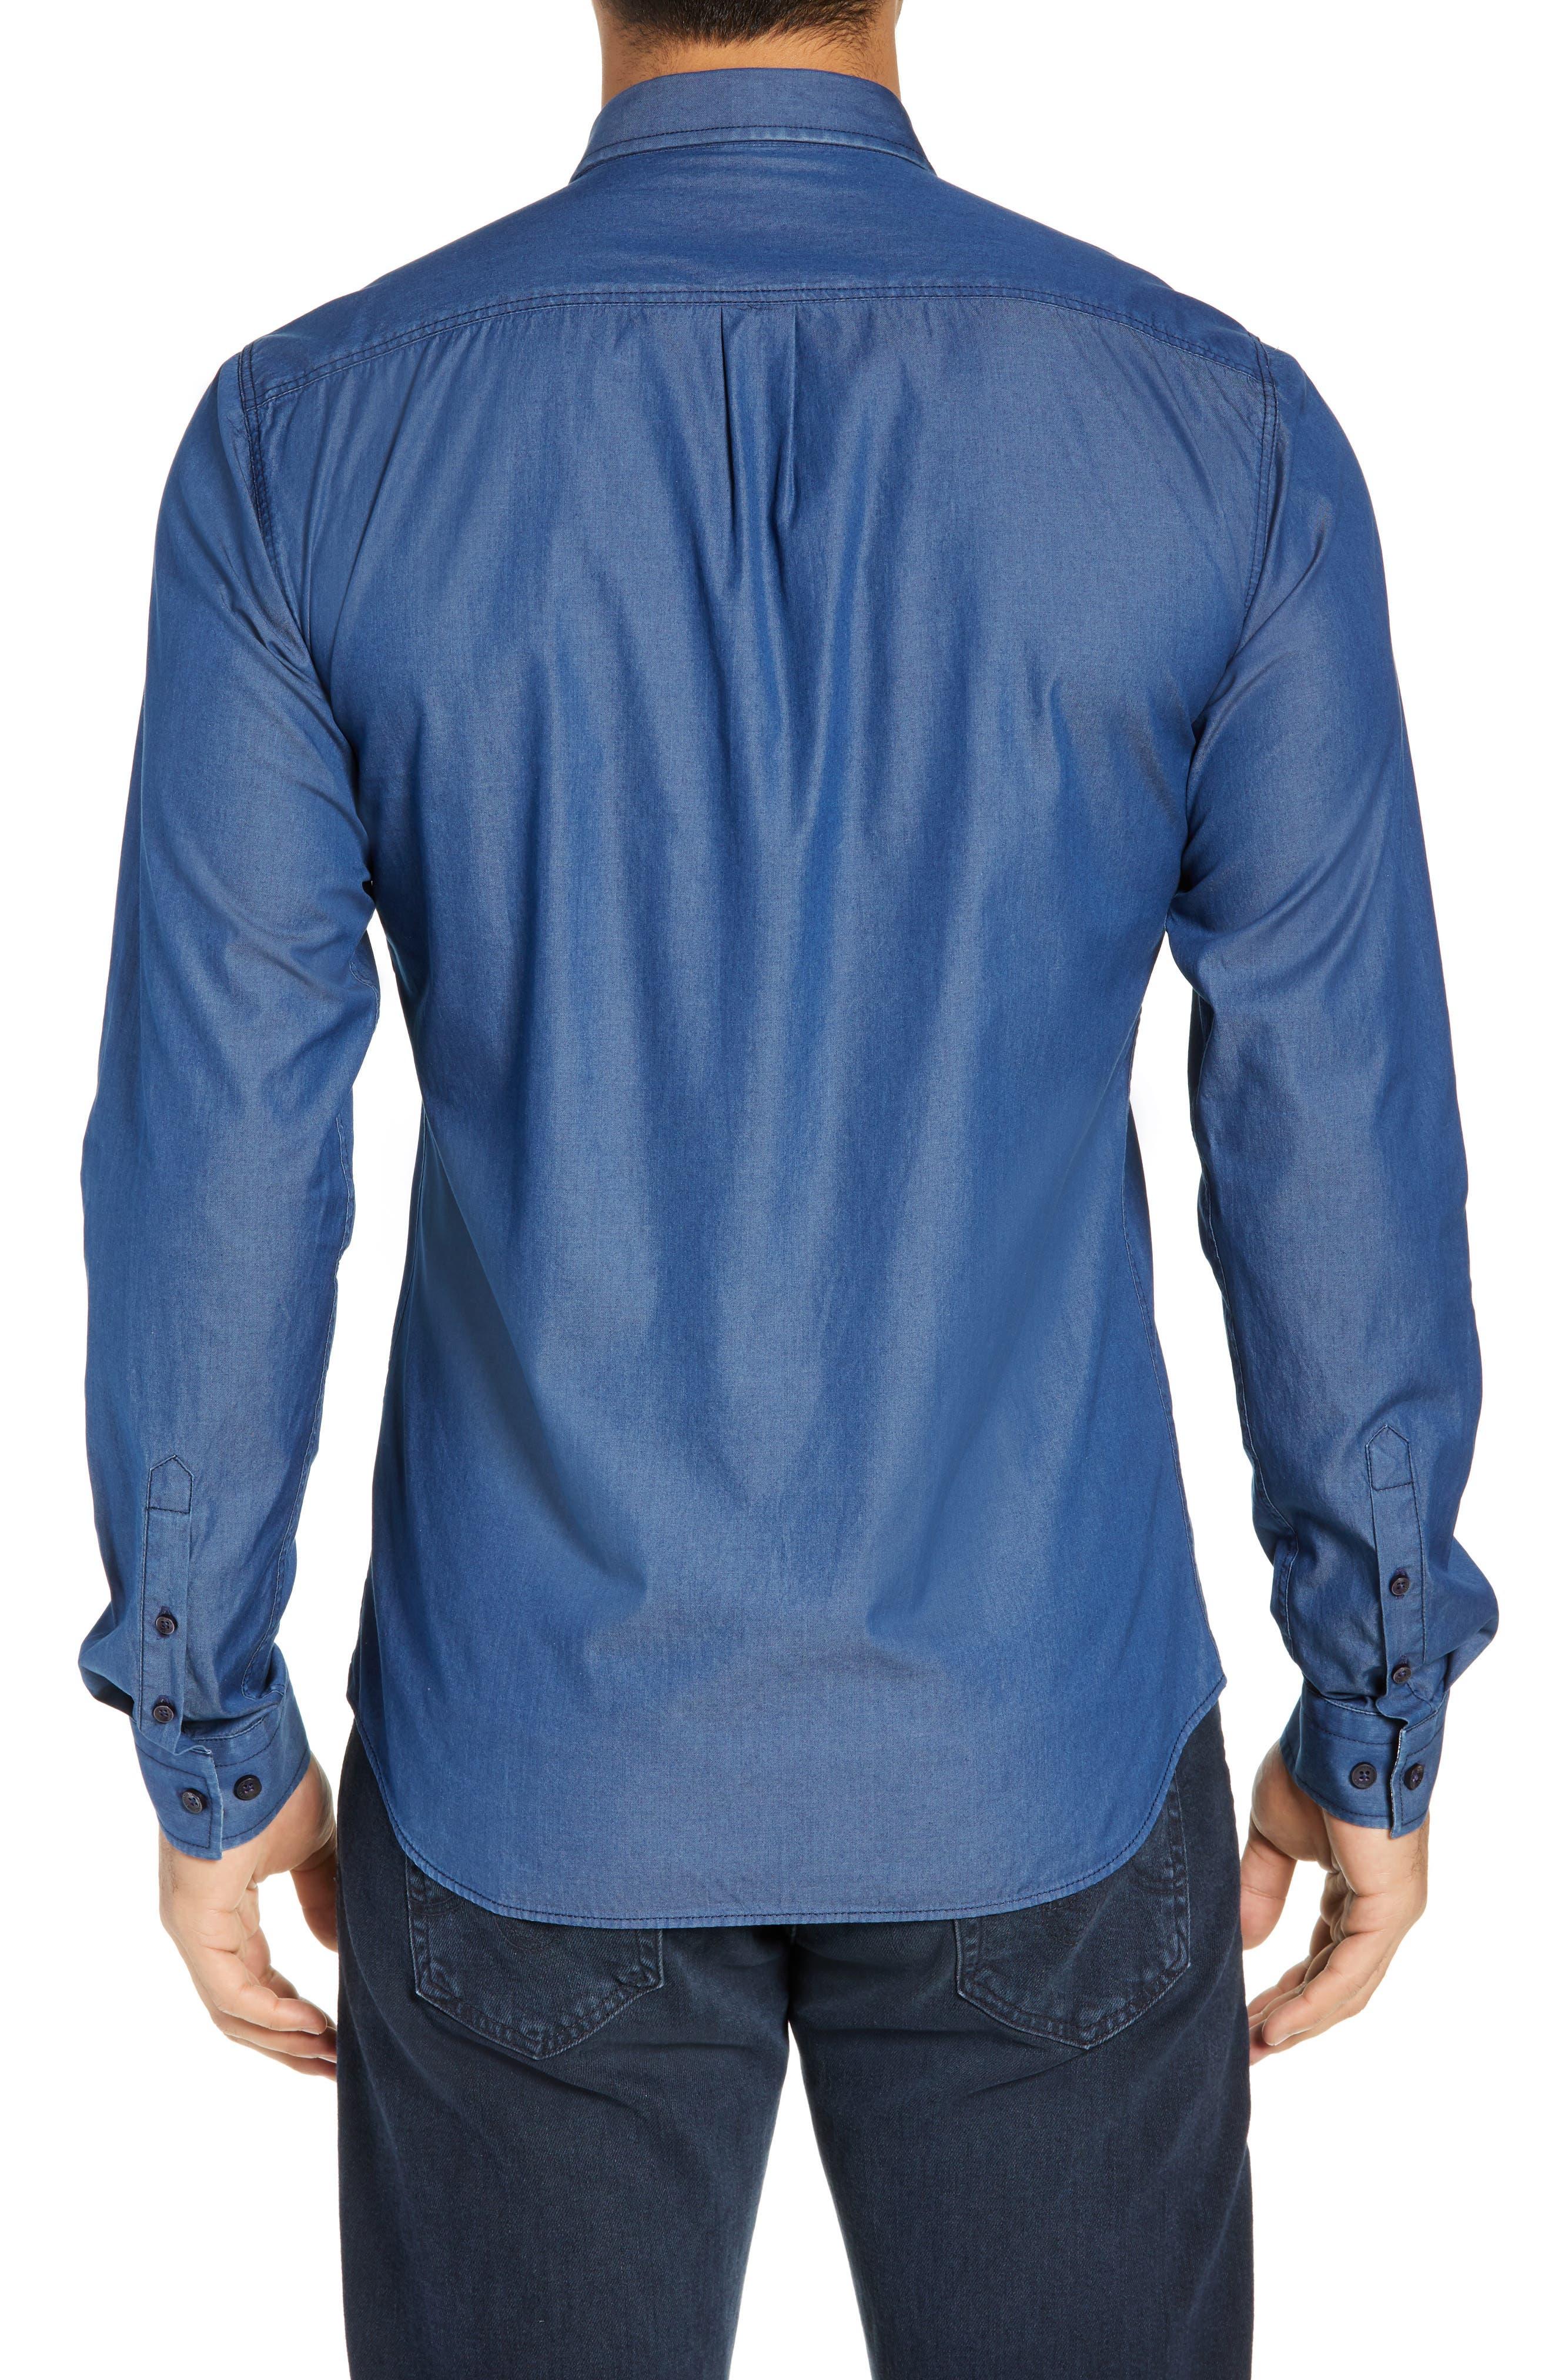 JARED LANG, Slim Fit Chambray Sport Shirt, Alternate thumbnail 3, color, CHAMBRAY